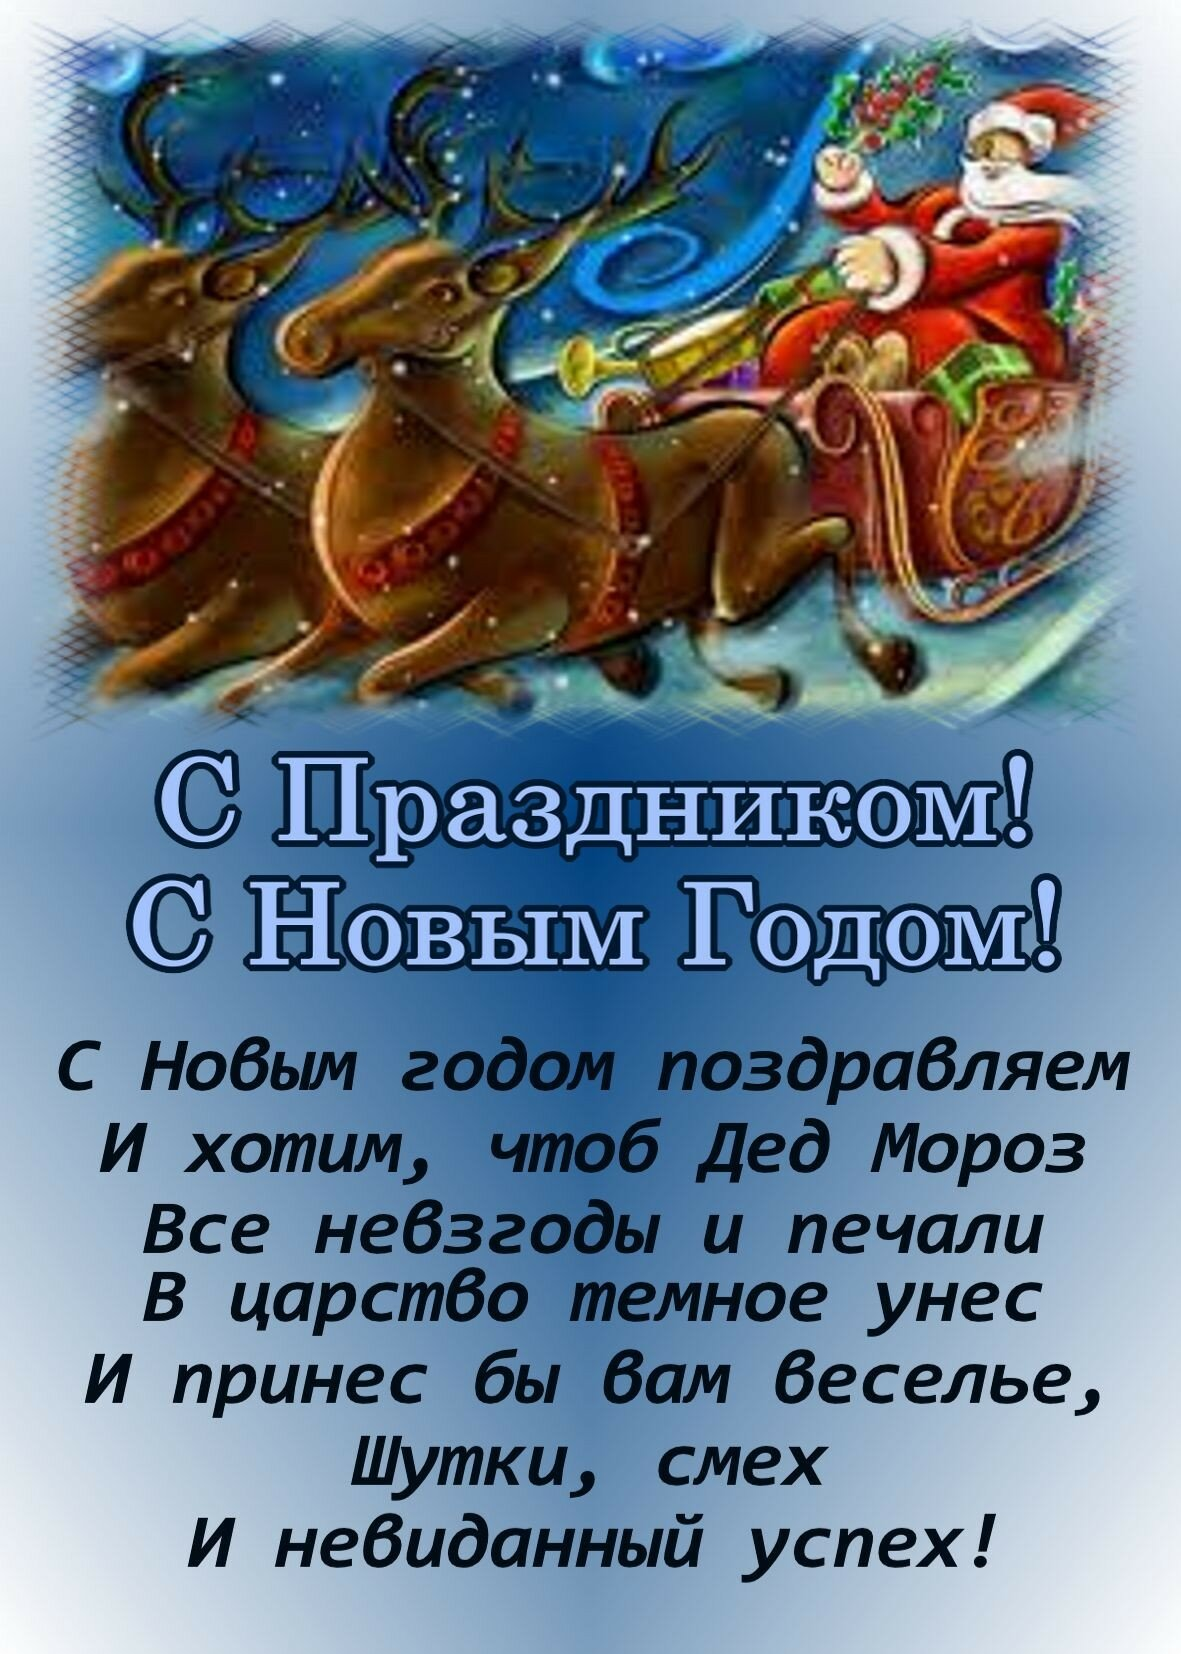 Марта подарок, открытки с новым годом в стихах короткие